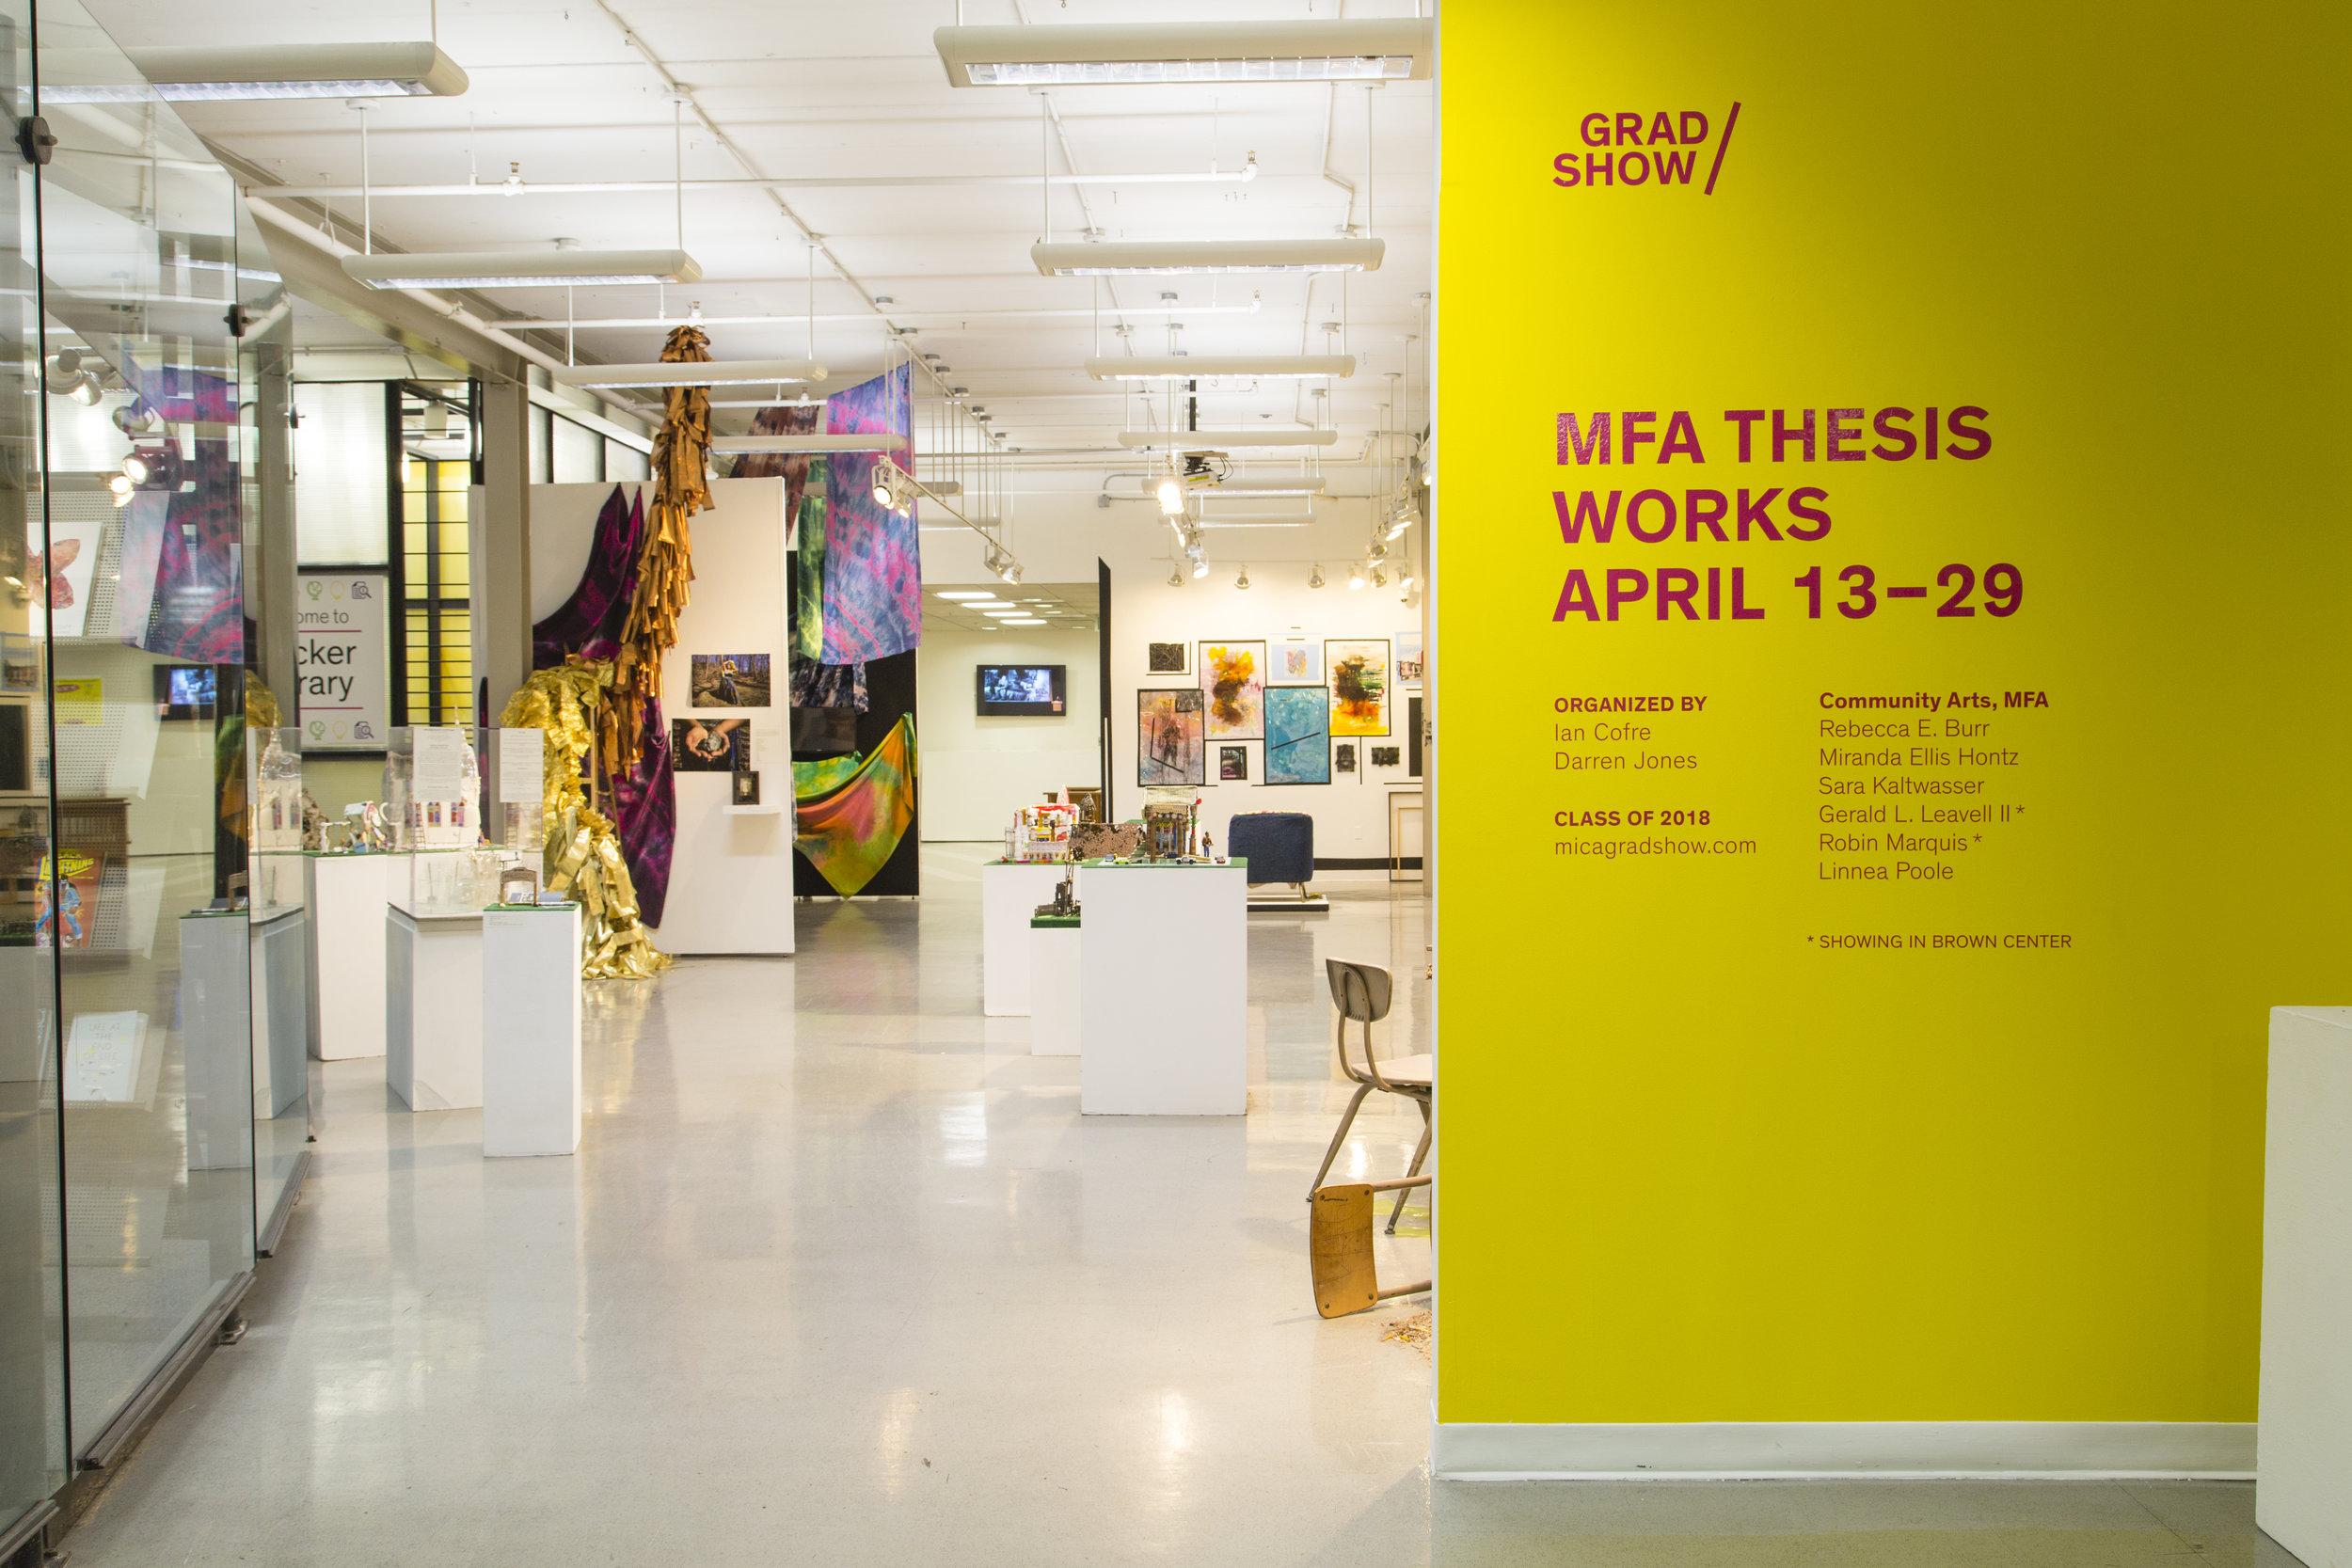 Gradshow_Exhibition3-4.jpg